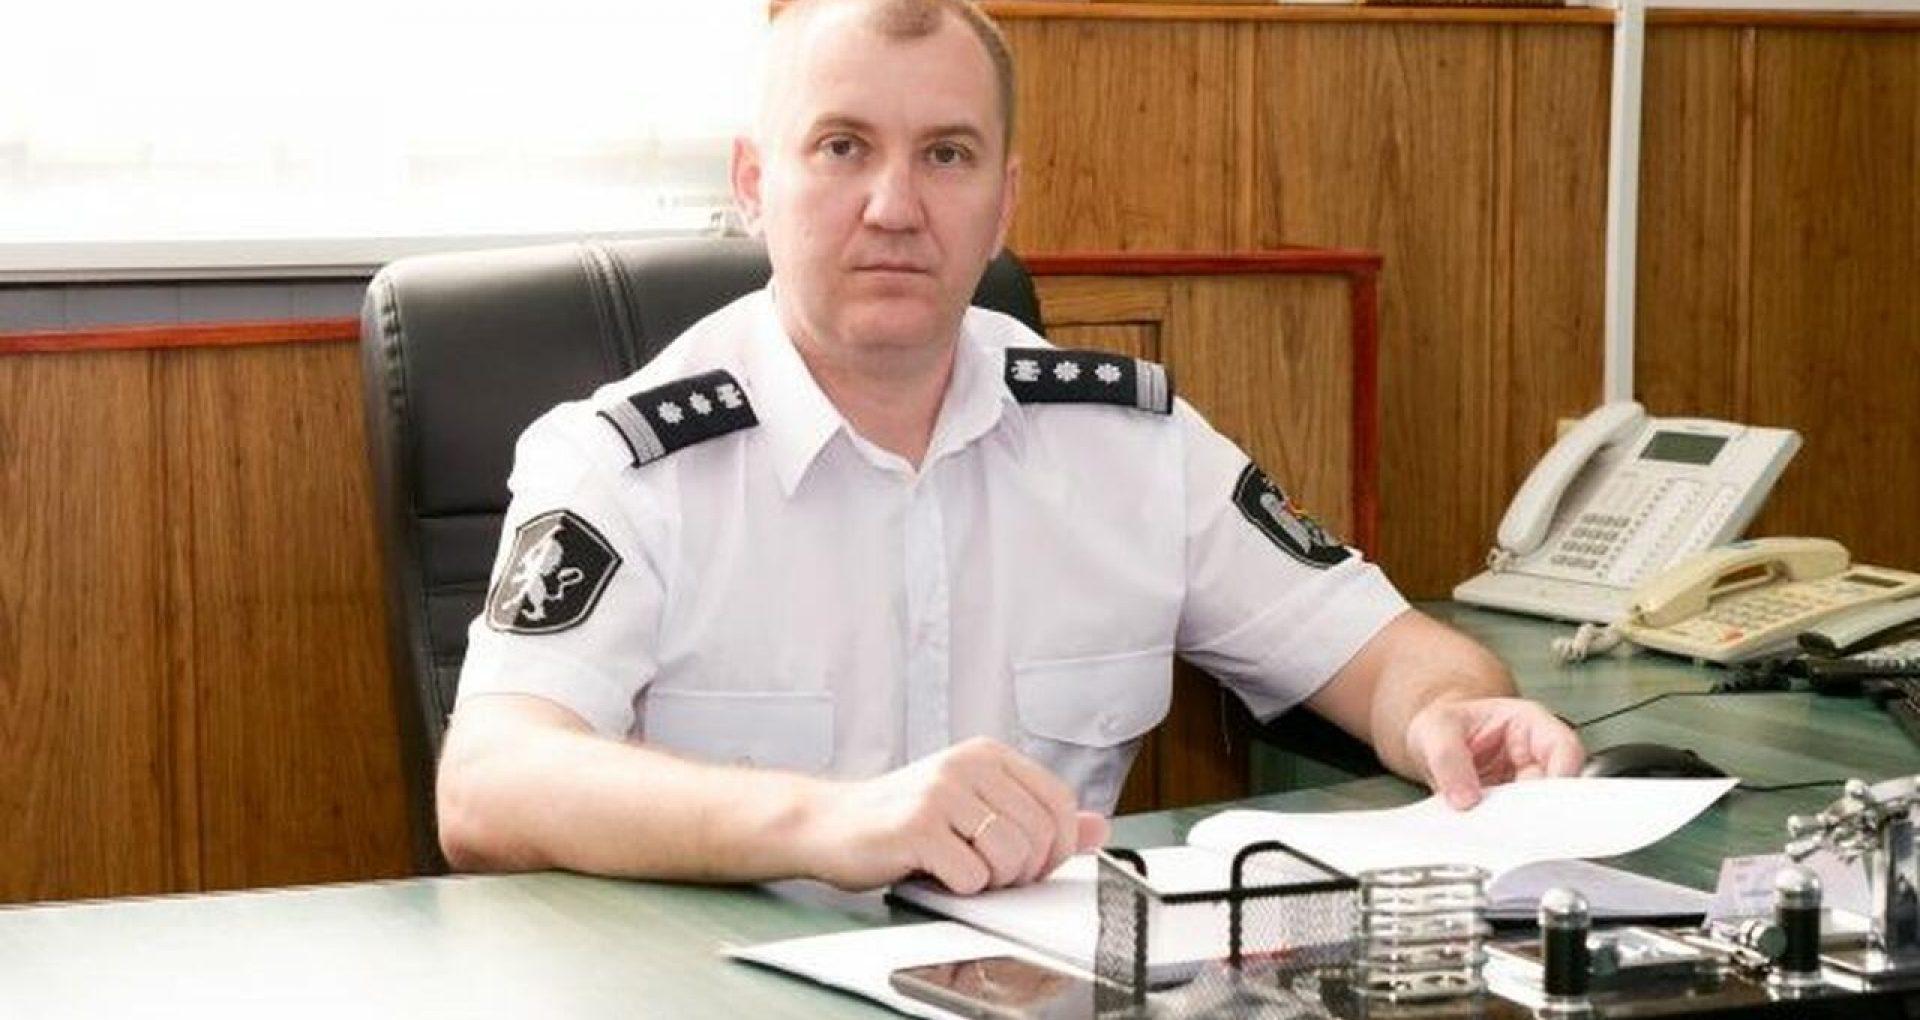 Șeful Inspectoratului de Poliție Soroca, Eugeniu Strochin, a demisionat din funcție